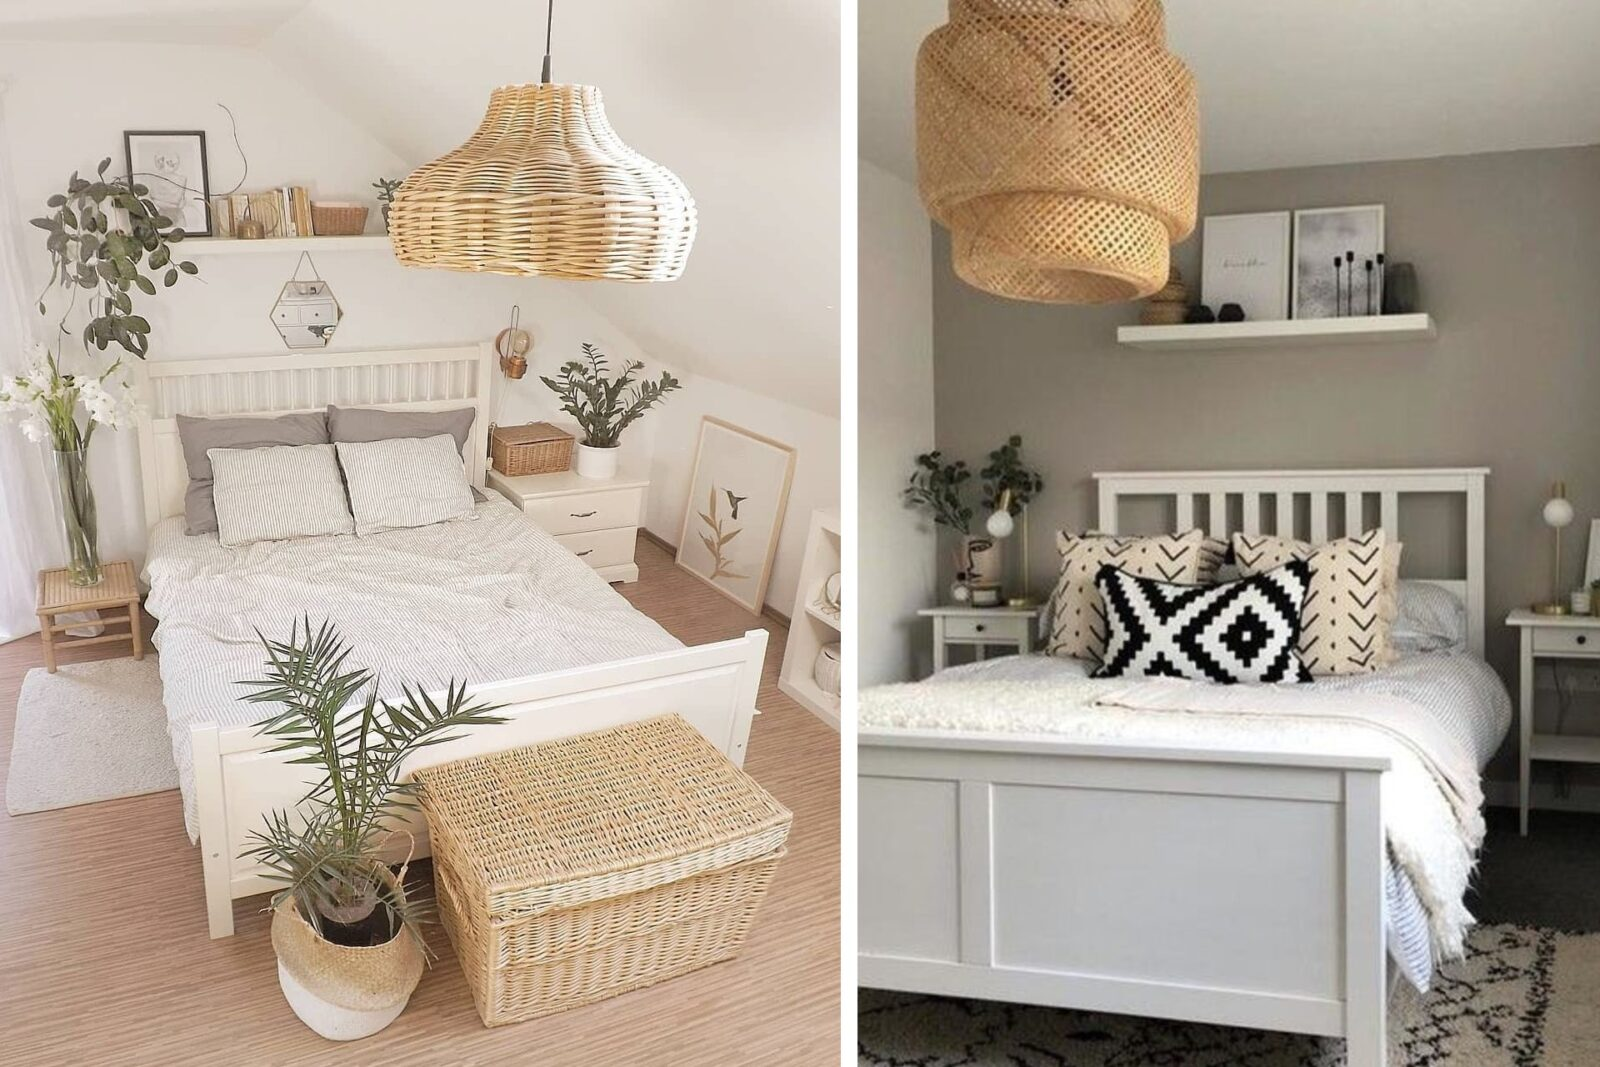 Camera Da Letto Fredda 8 piccole idee per decorare piccole camere da letto